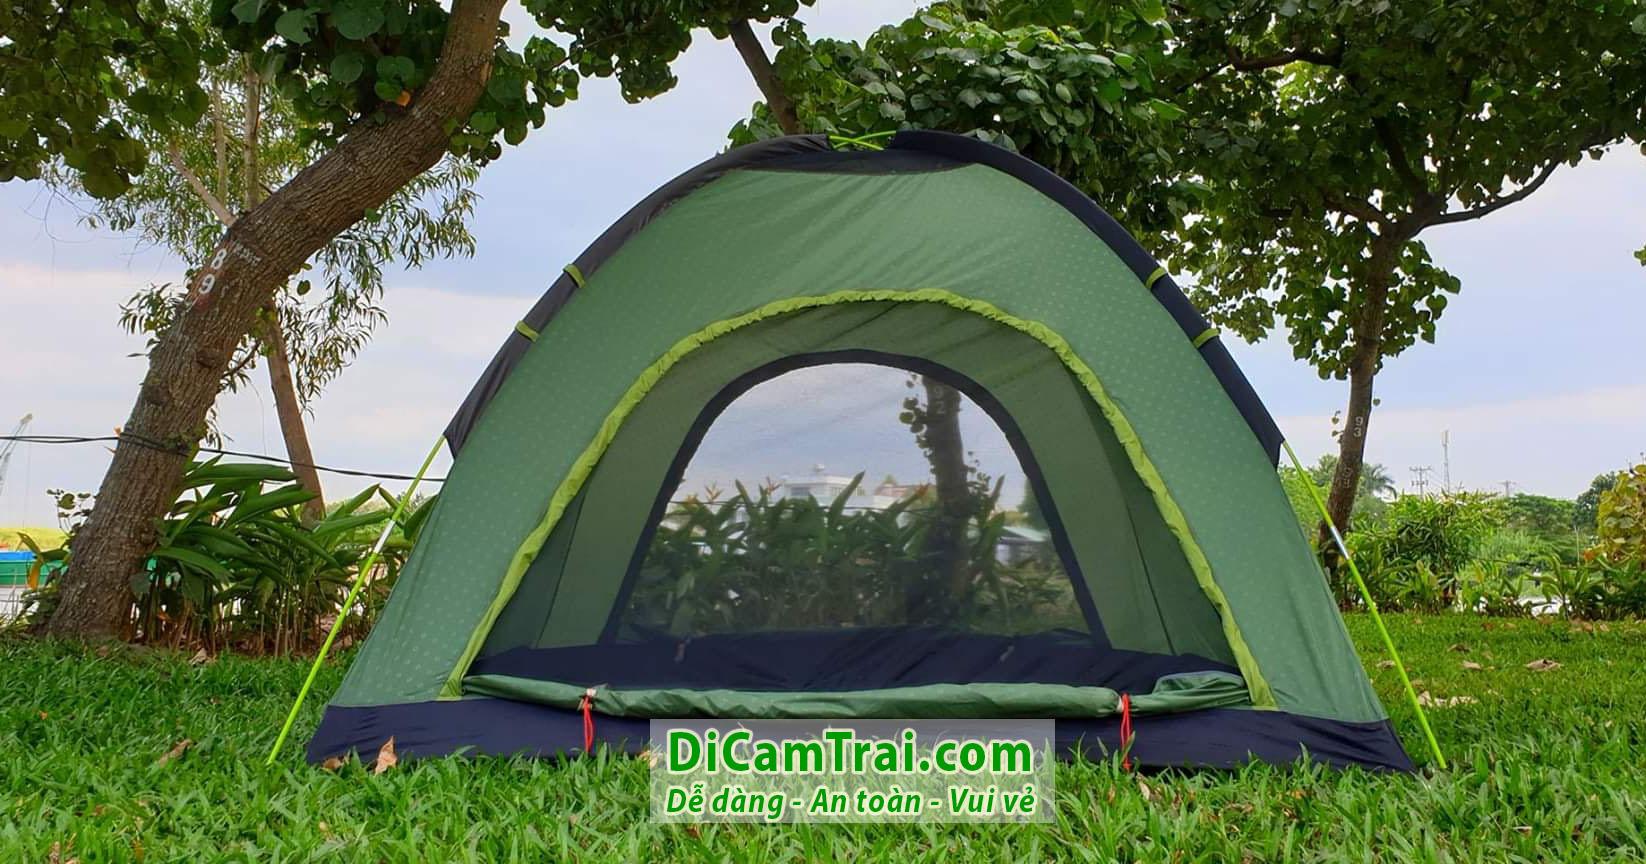 lều cắm trại 4 người outwell